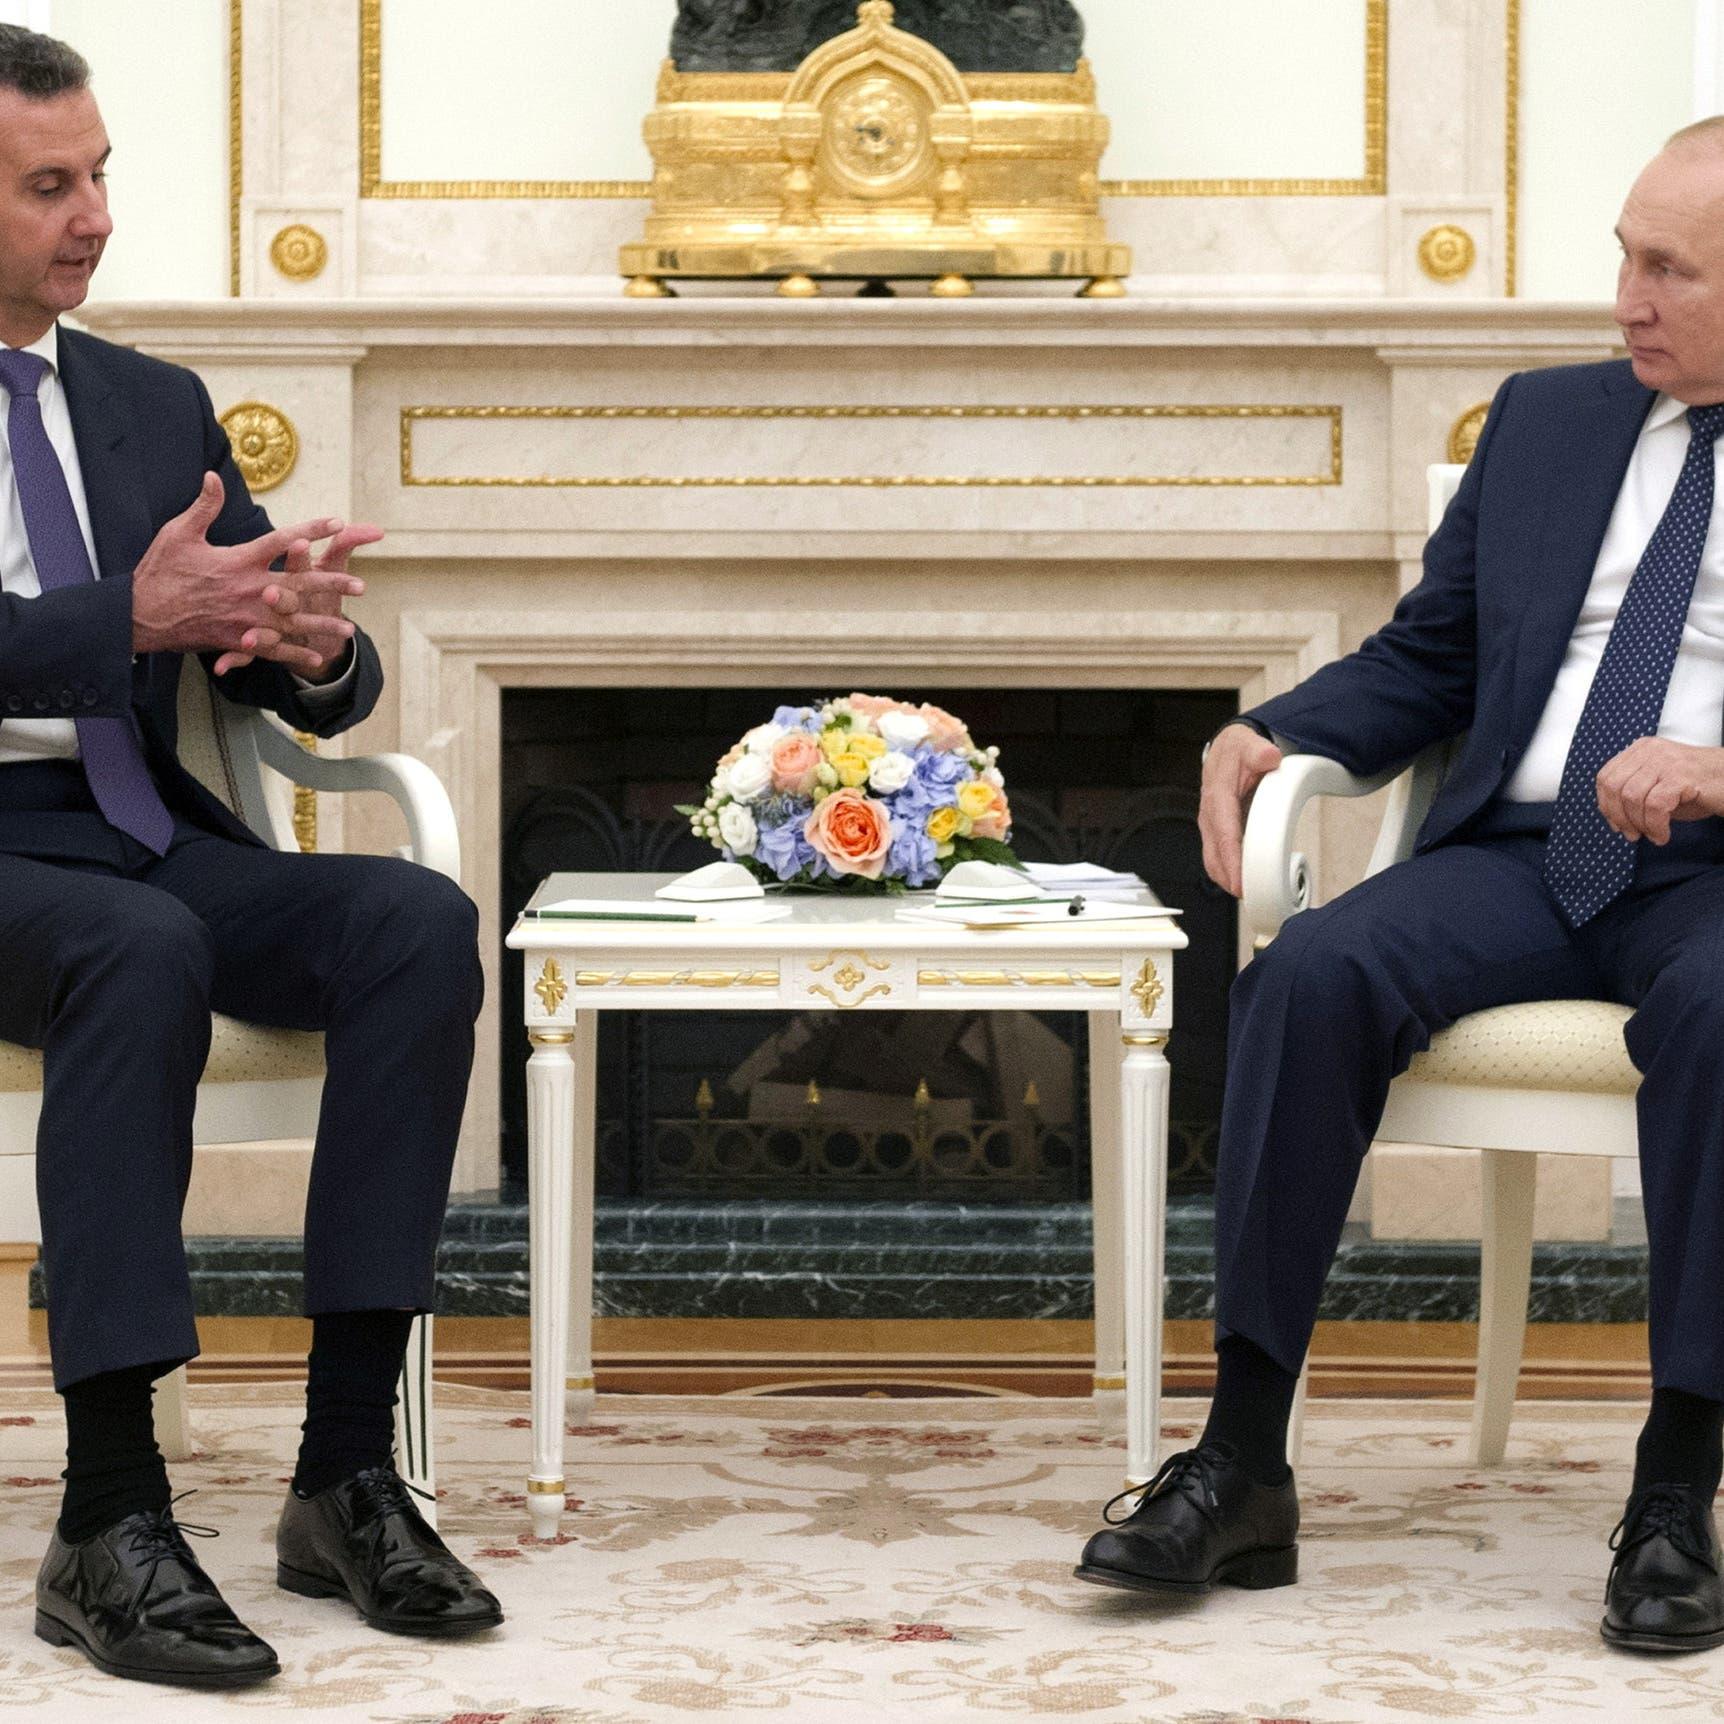 التقى الأسد.. بوتين يعلن إصابة العشرات في محيطه بكورونا